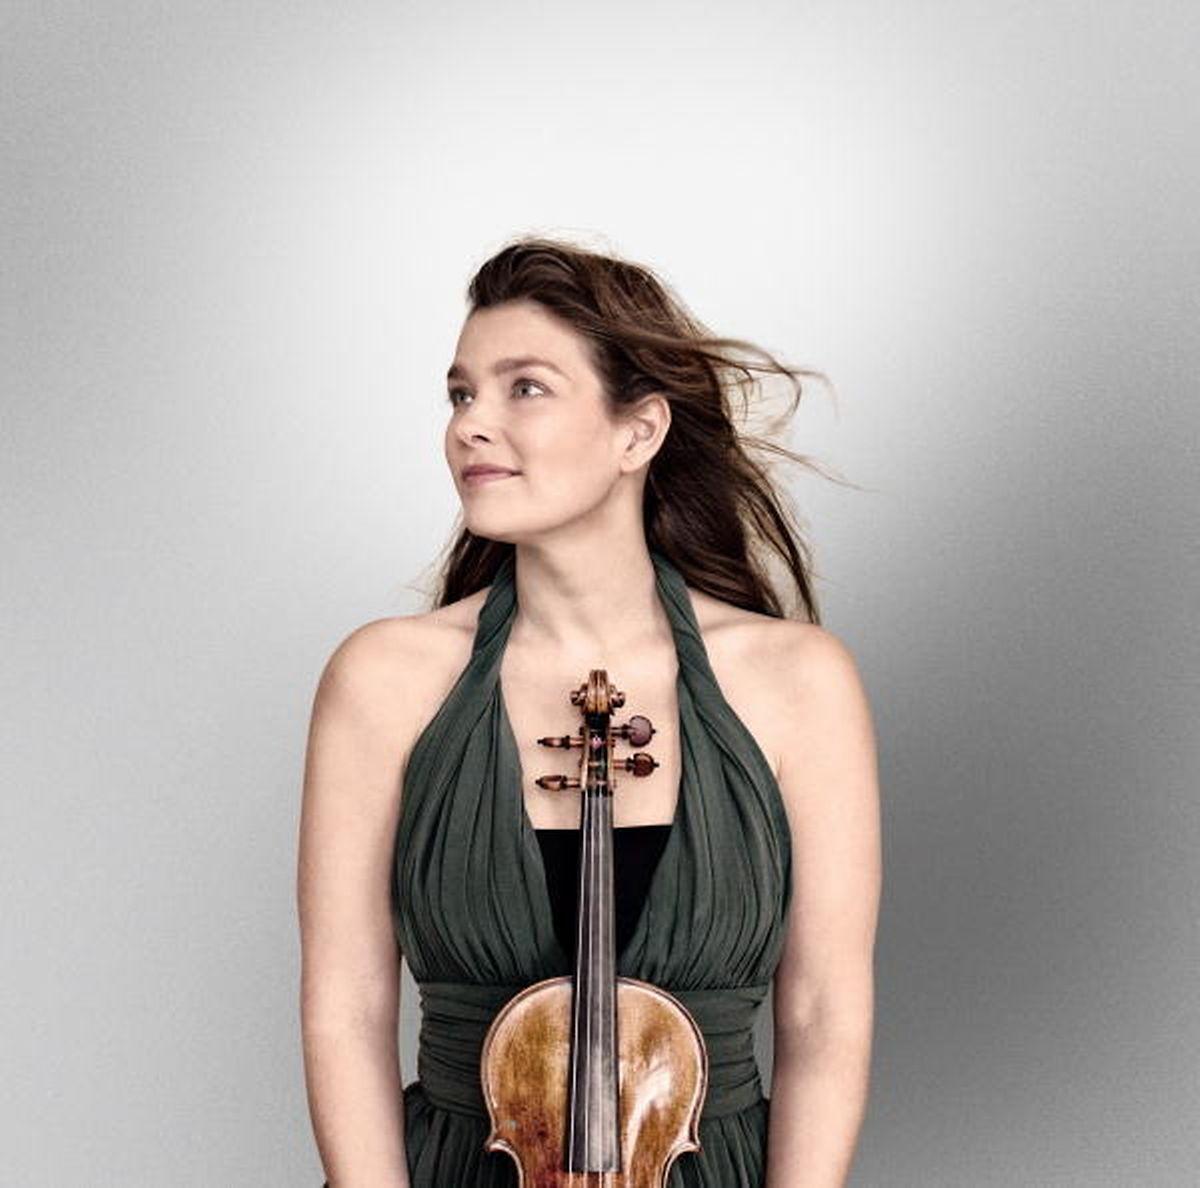 Janine Jansen  en concert avec l'OPL mardi soir à la Philharmonie.